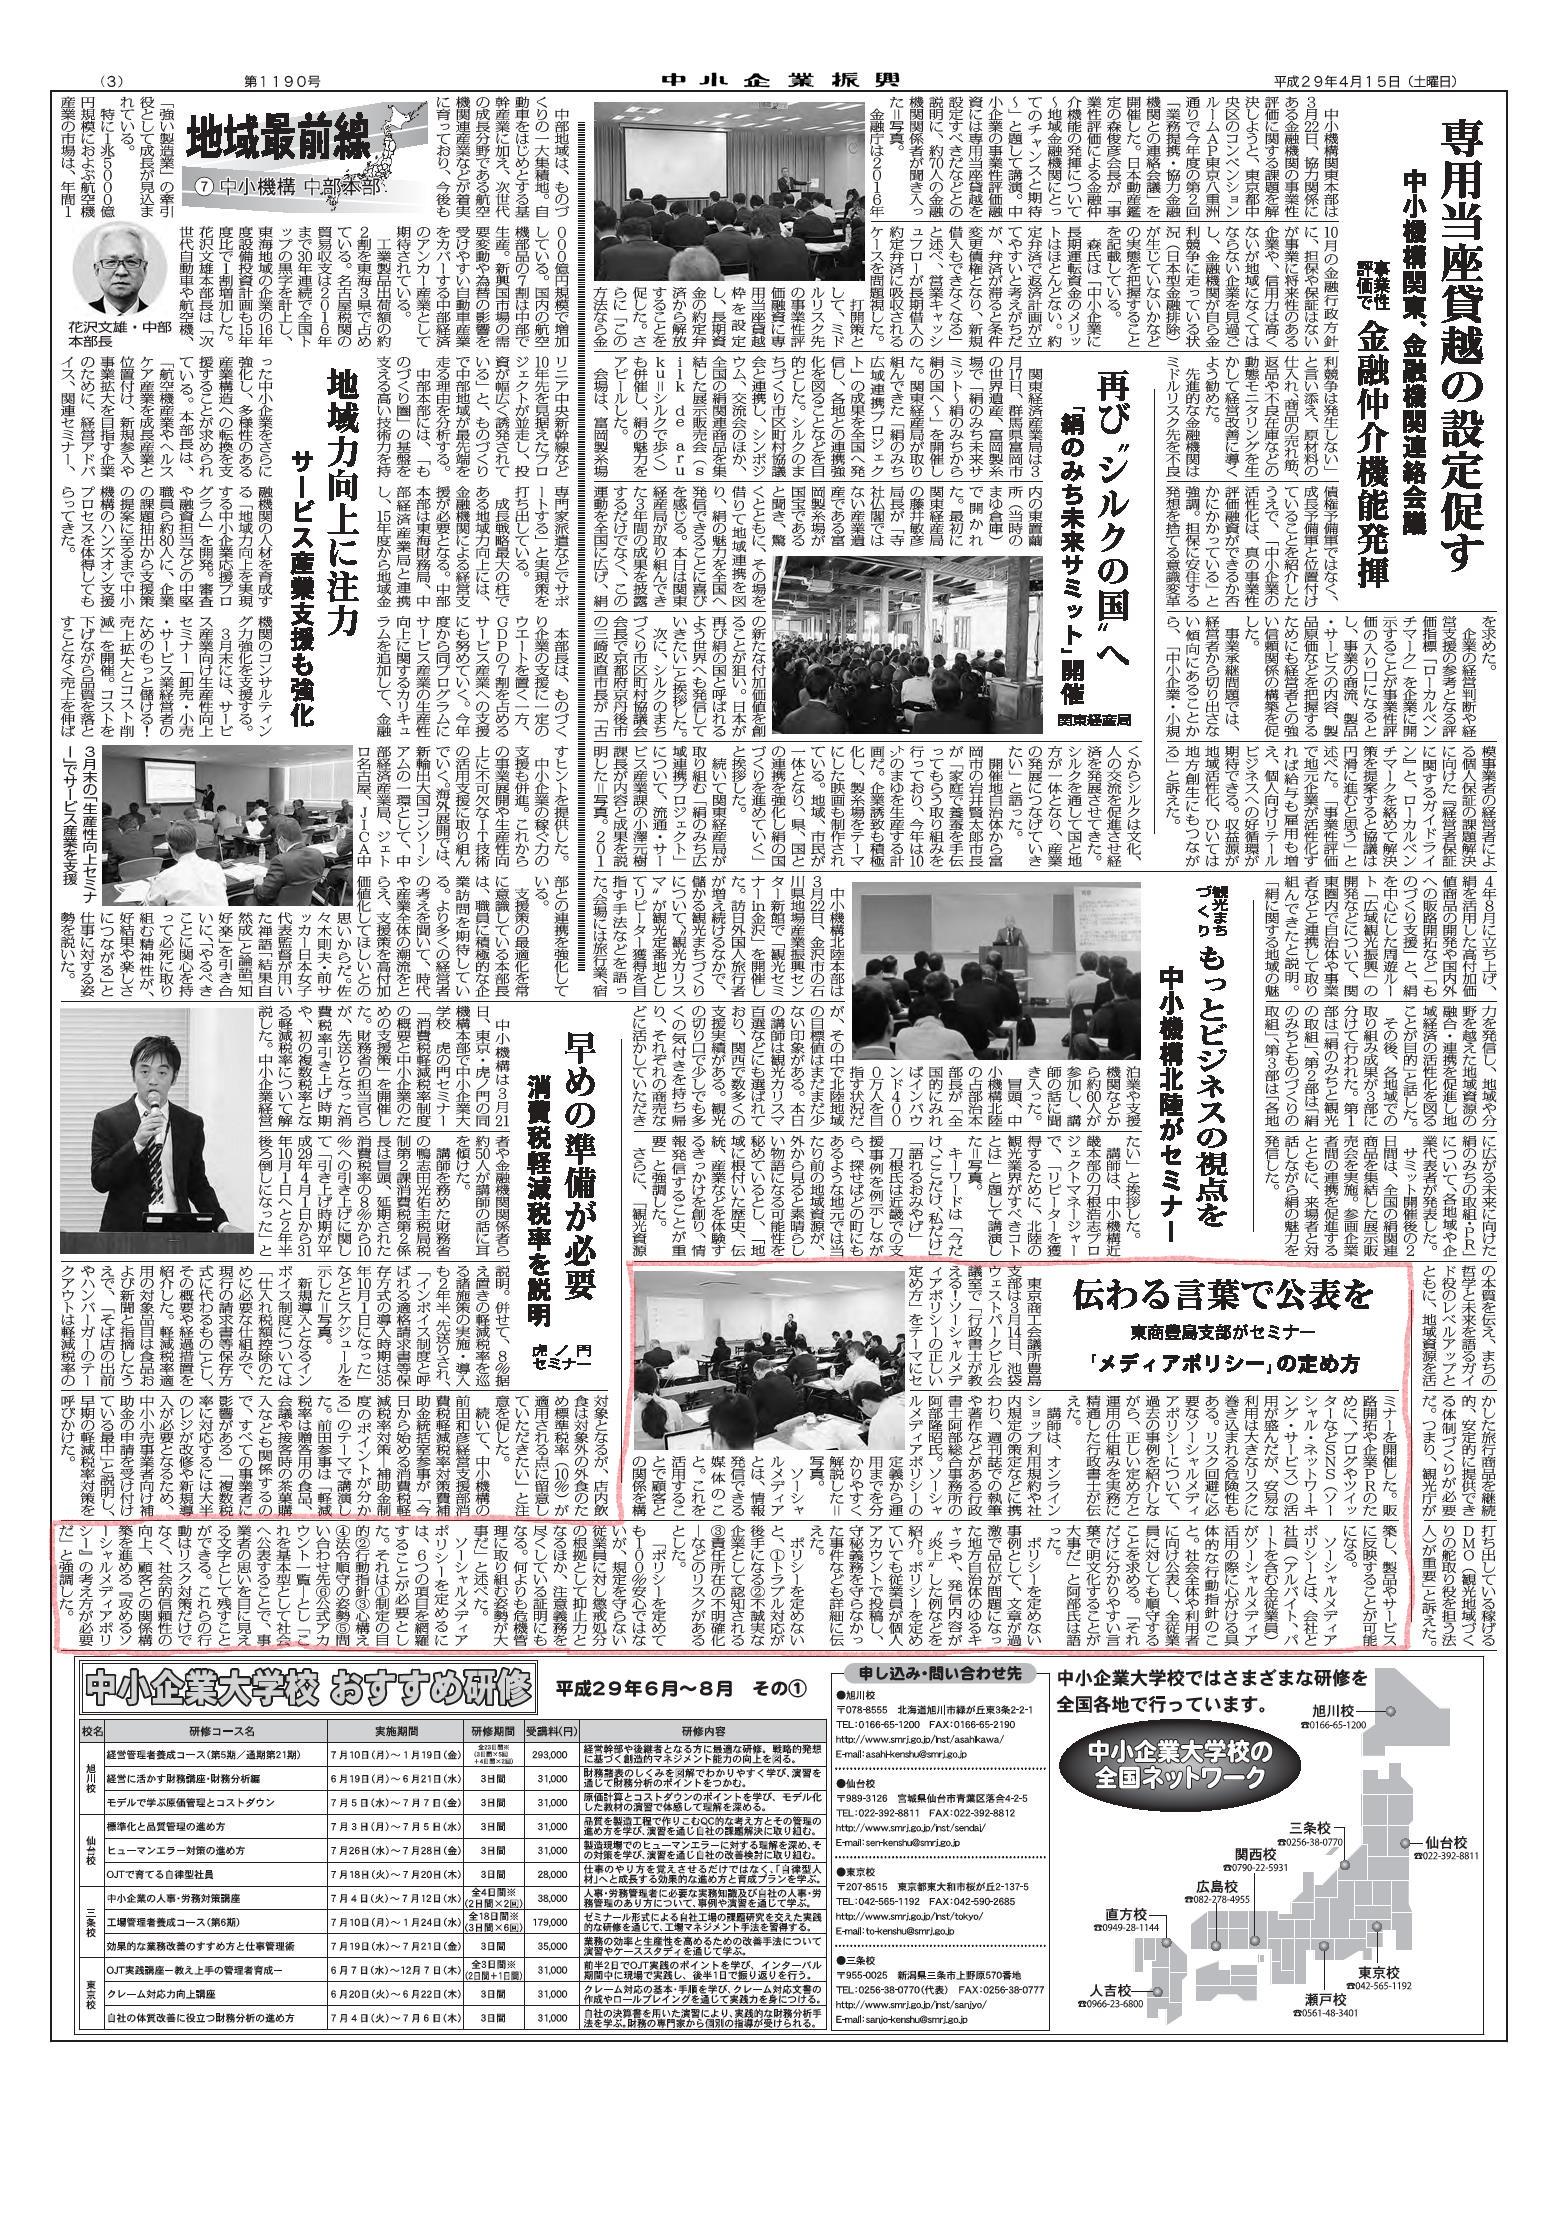 行政書士阿部隆昭のソーシャルメディアポリシーセミナーが『中小企業振興』4月15日号に掲載されました!!!|行政書士阿部総合事務所